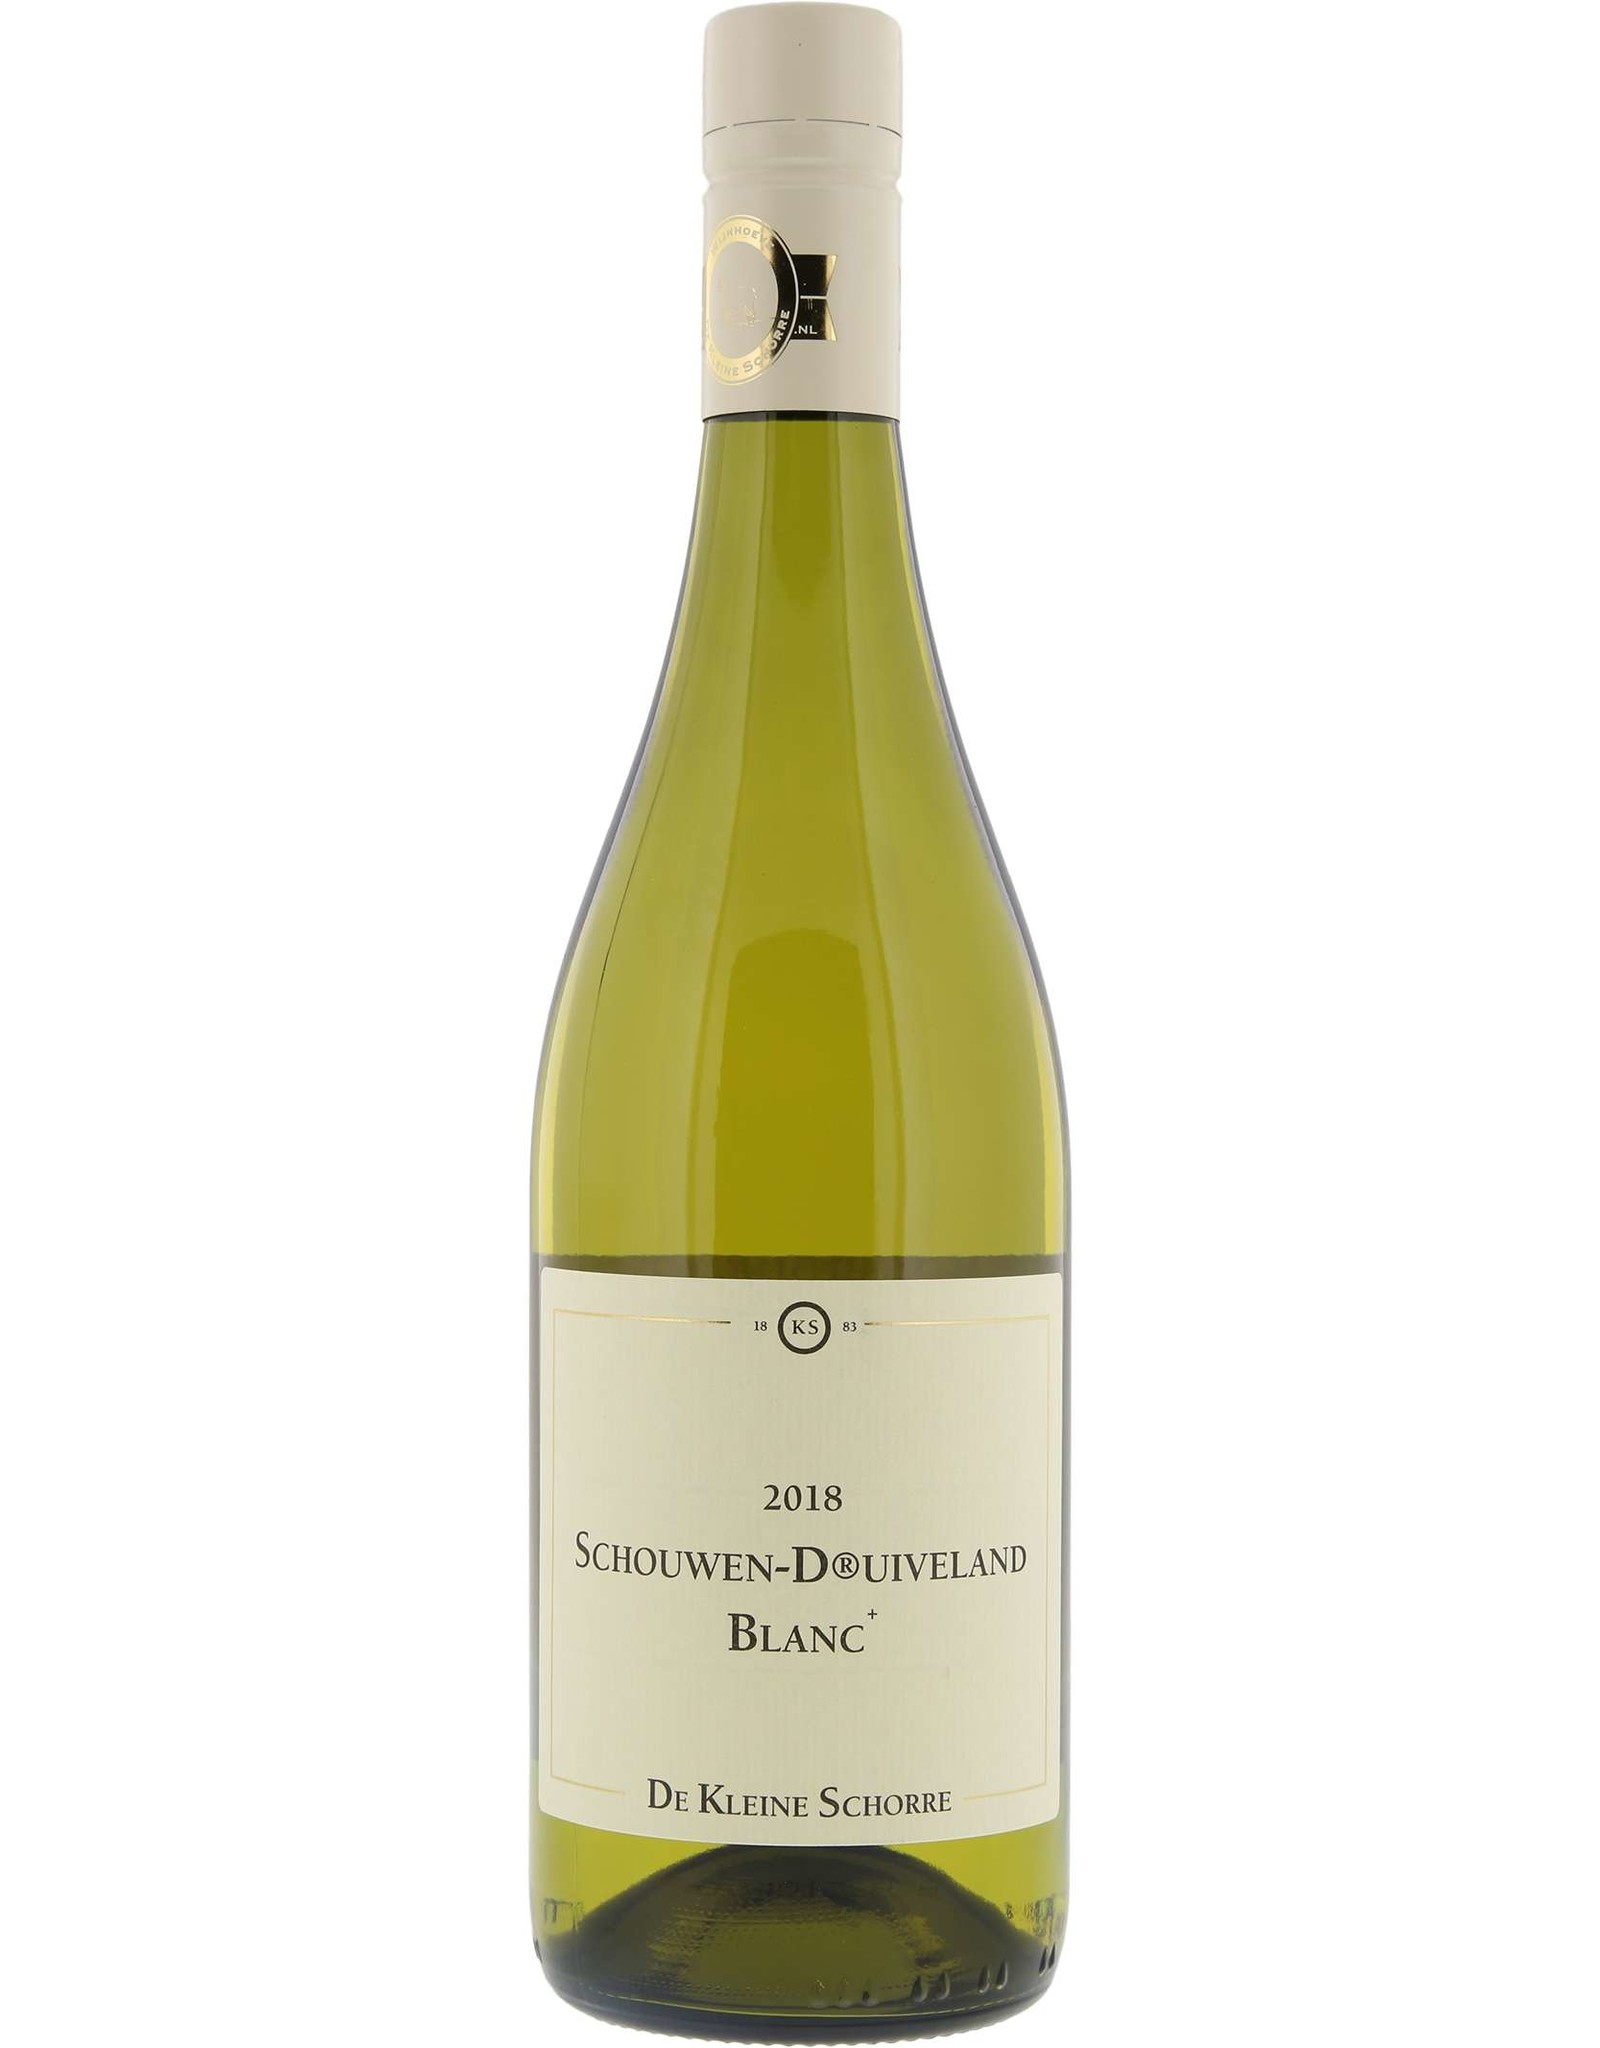 Proef Schouwen-Druivenland Blanc, De Kleine Schorre